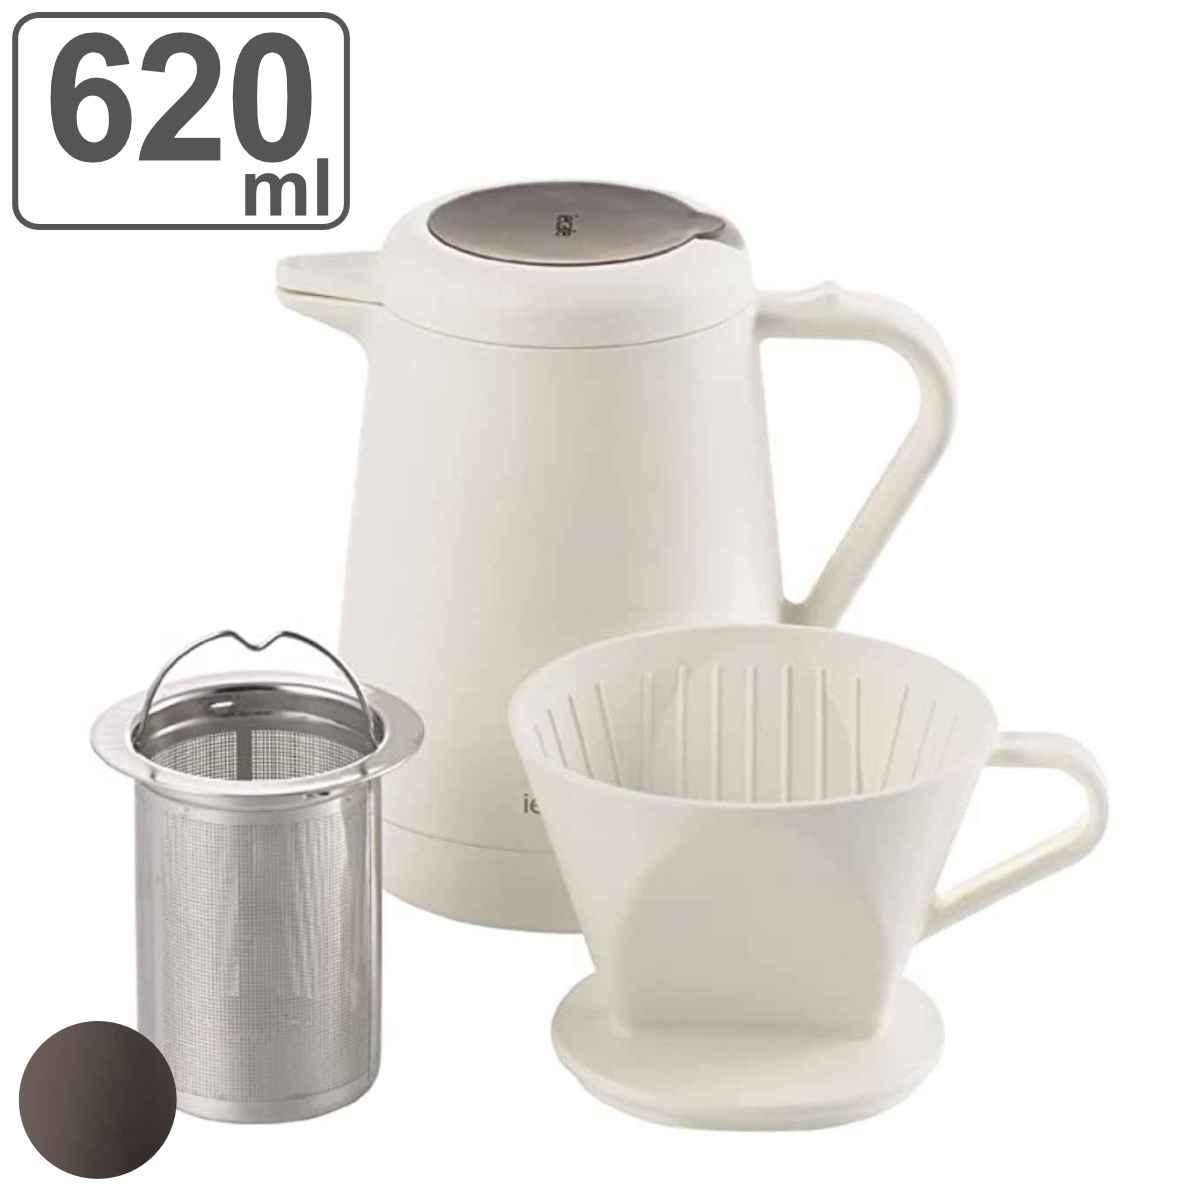 保温ポット コーヒー 紅茶 真空構造 ストレーナー付 620ml ( ドリッパー付 保温 ポット コンパクト コーヒーポット ティーポット )